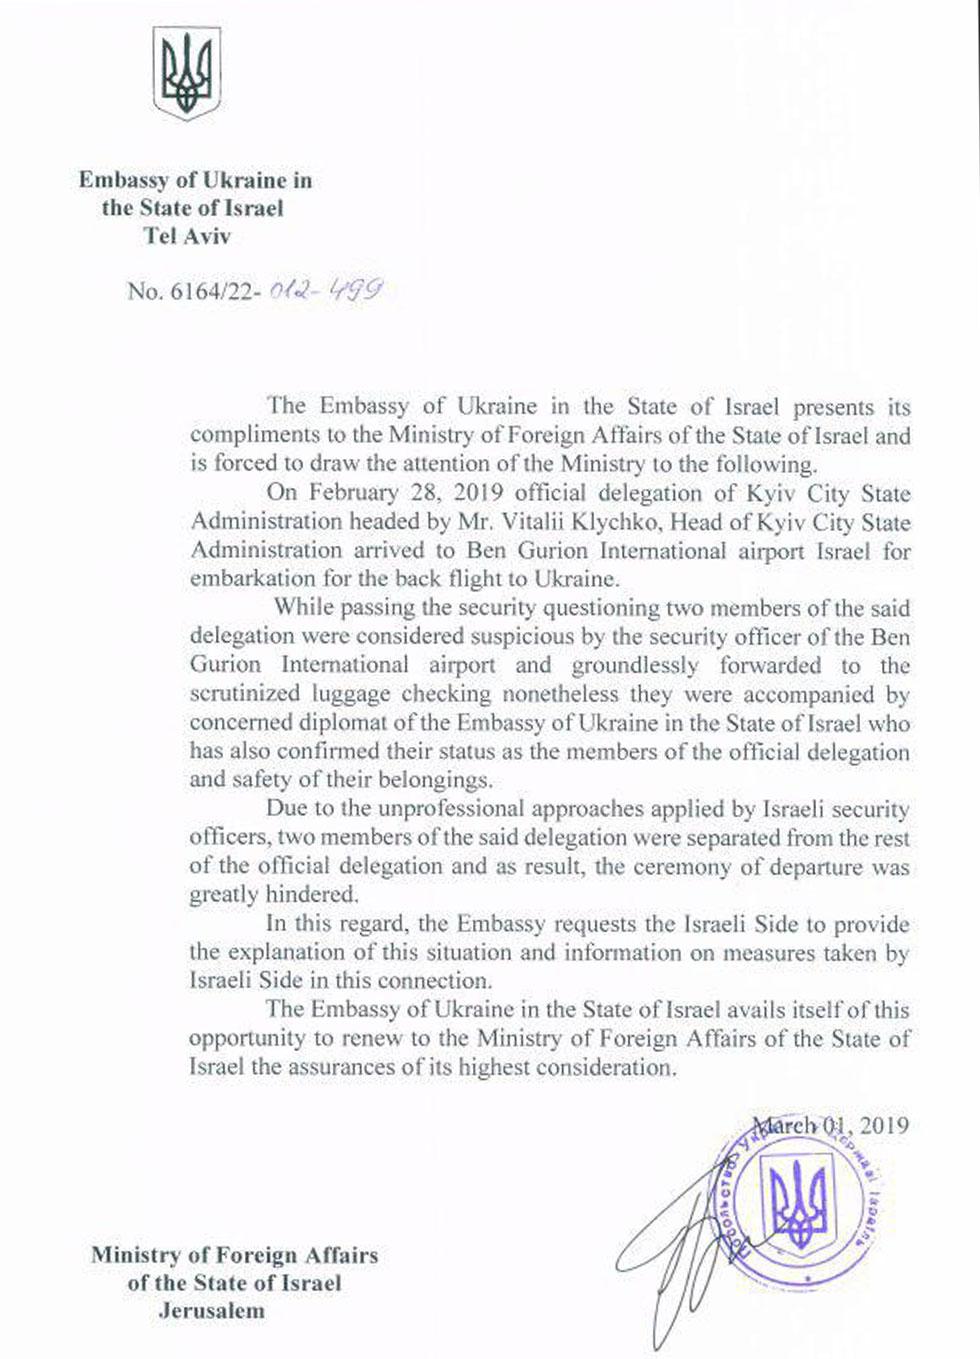 מכתב תלונה רשמי משגרירות אוקראינה בישראל על עיכוב פמליית ראש עיריית קייב ()